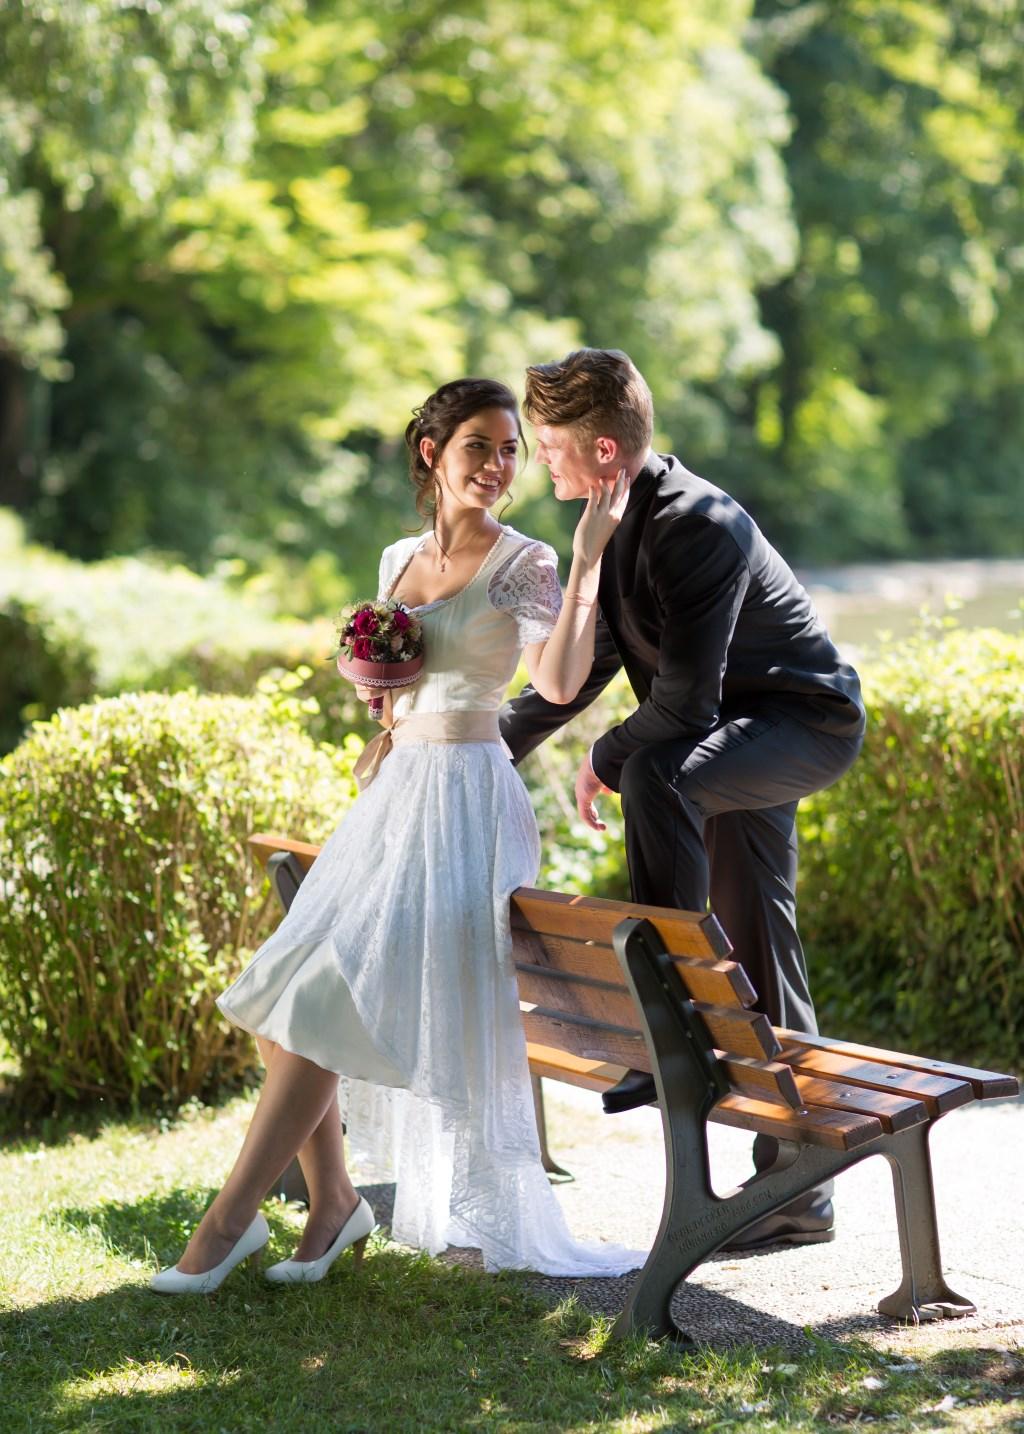 Heiraten In Munchen Styled Shoot Herbsthochzeit In Den Bergen